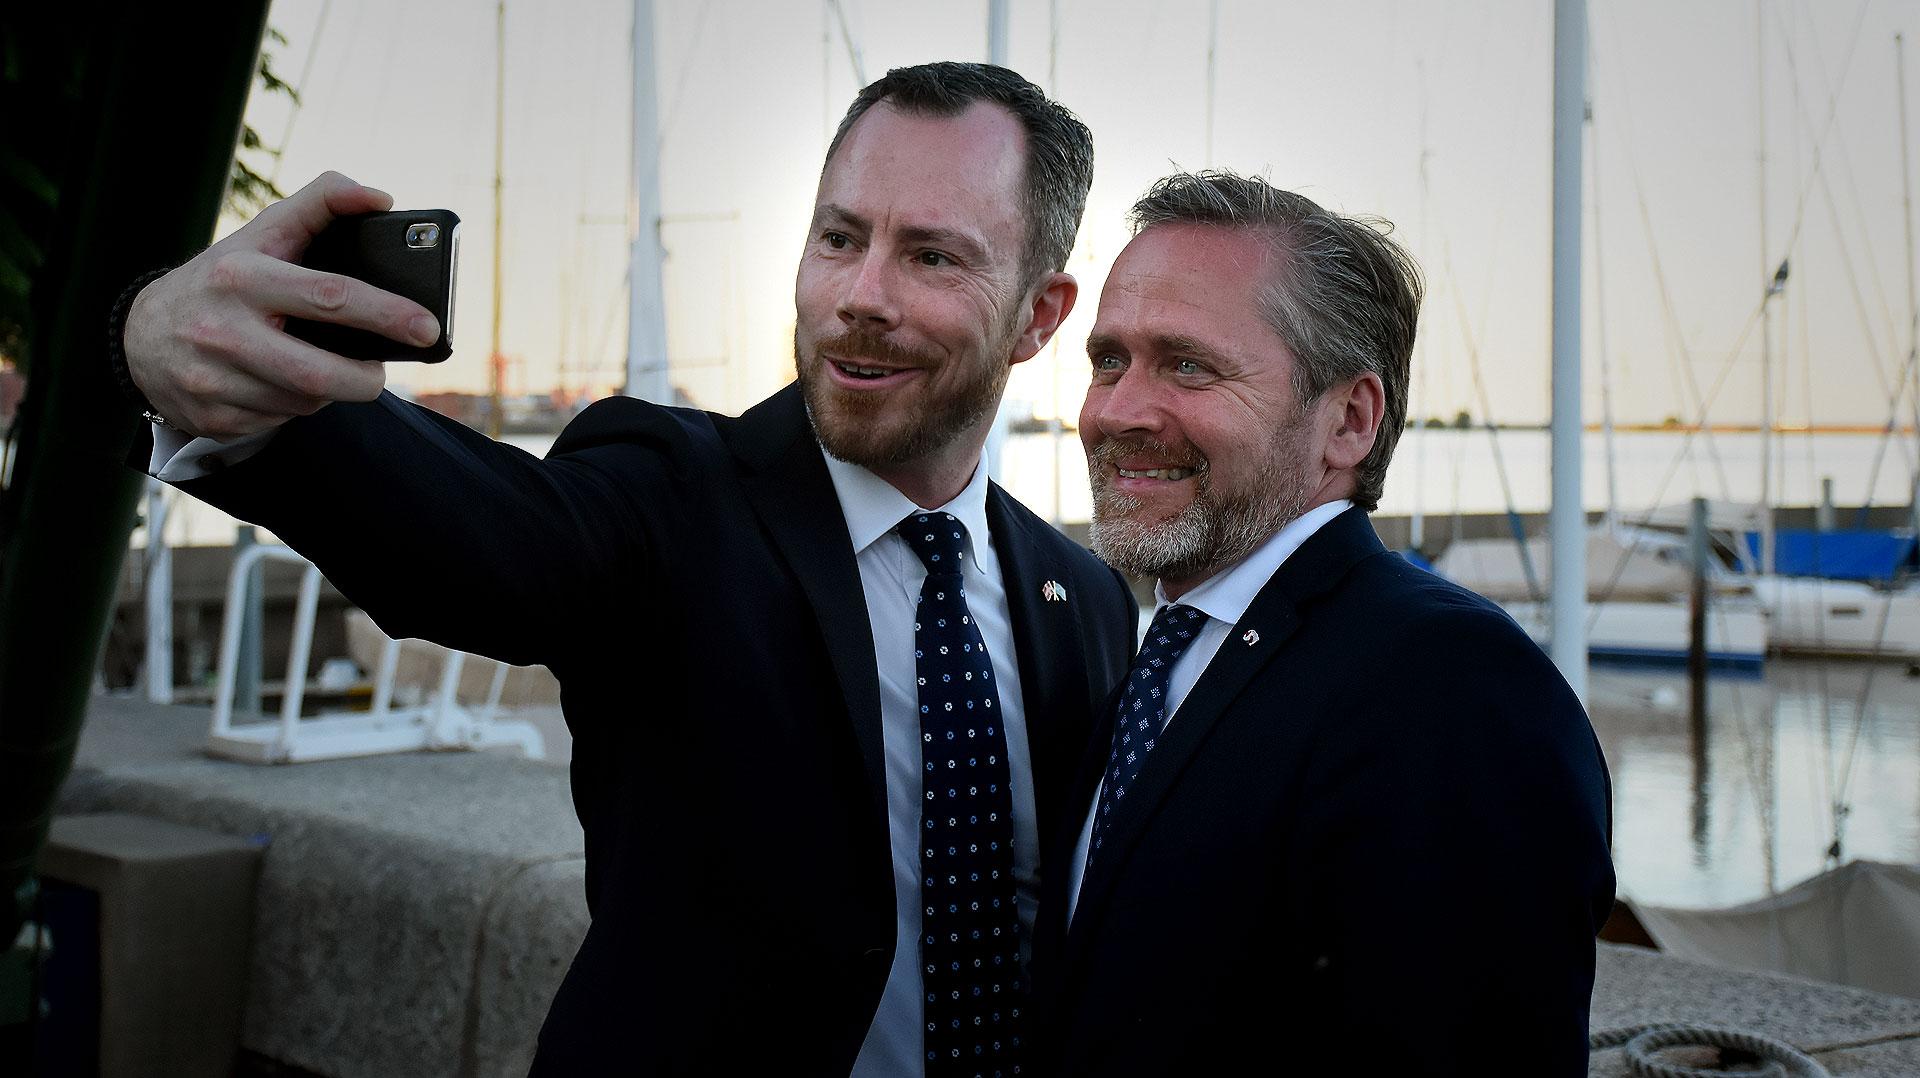 El ministro de Medio Ambiente y Agricultura, Jakob Ellemann-Jensen y Ministro de Relaciones Exteriores, Anders Samuelsen, posan juntos para un selfie con la imagen del atardecer en Puerto Madero